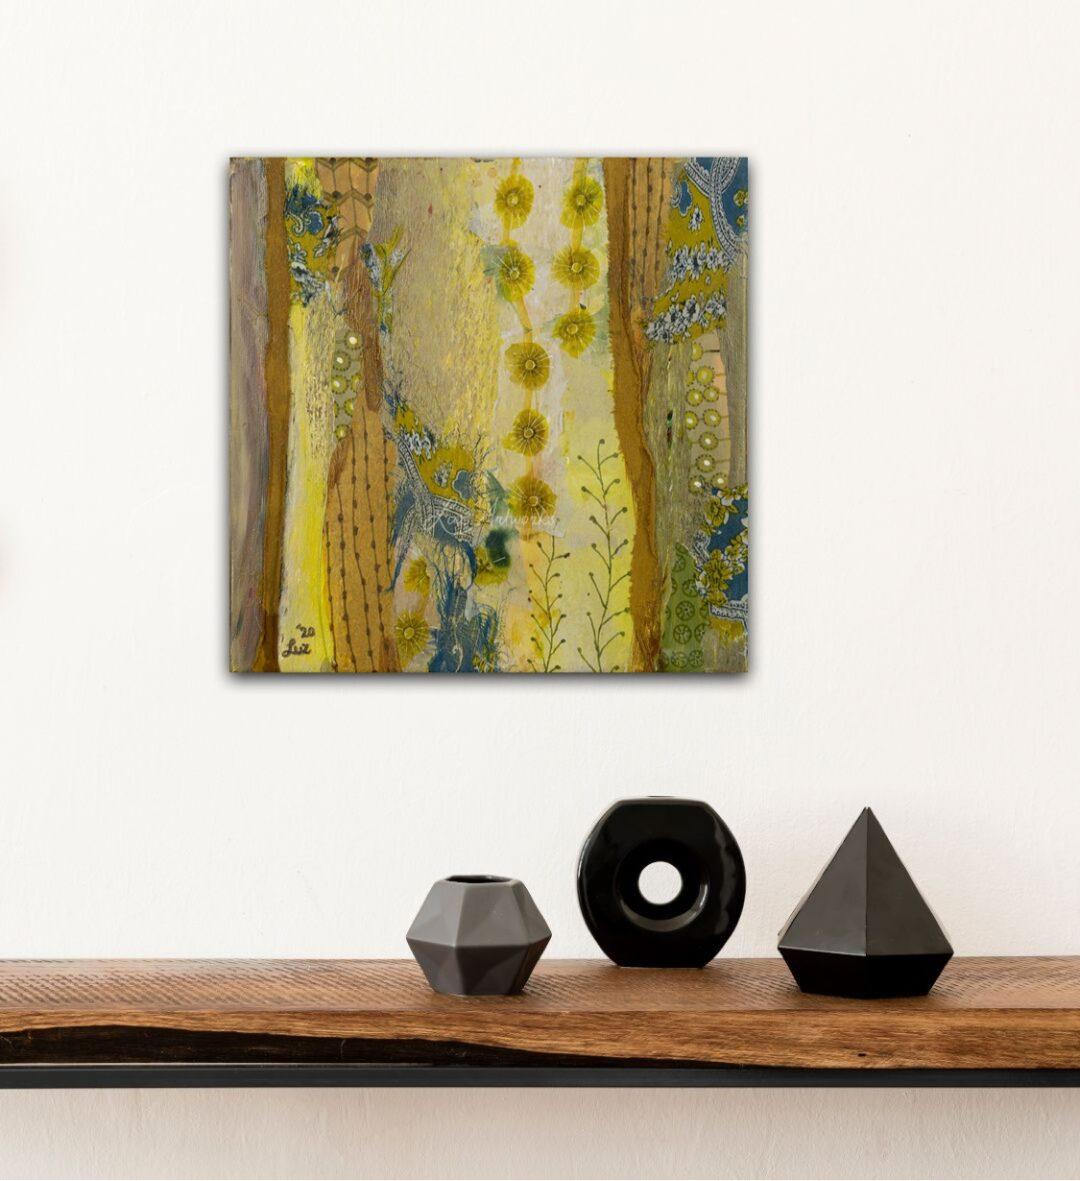 Schilderij Patronenparadijs Geel door Marloes Bloedjes